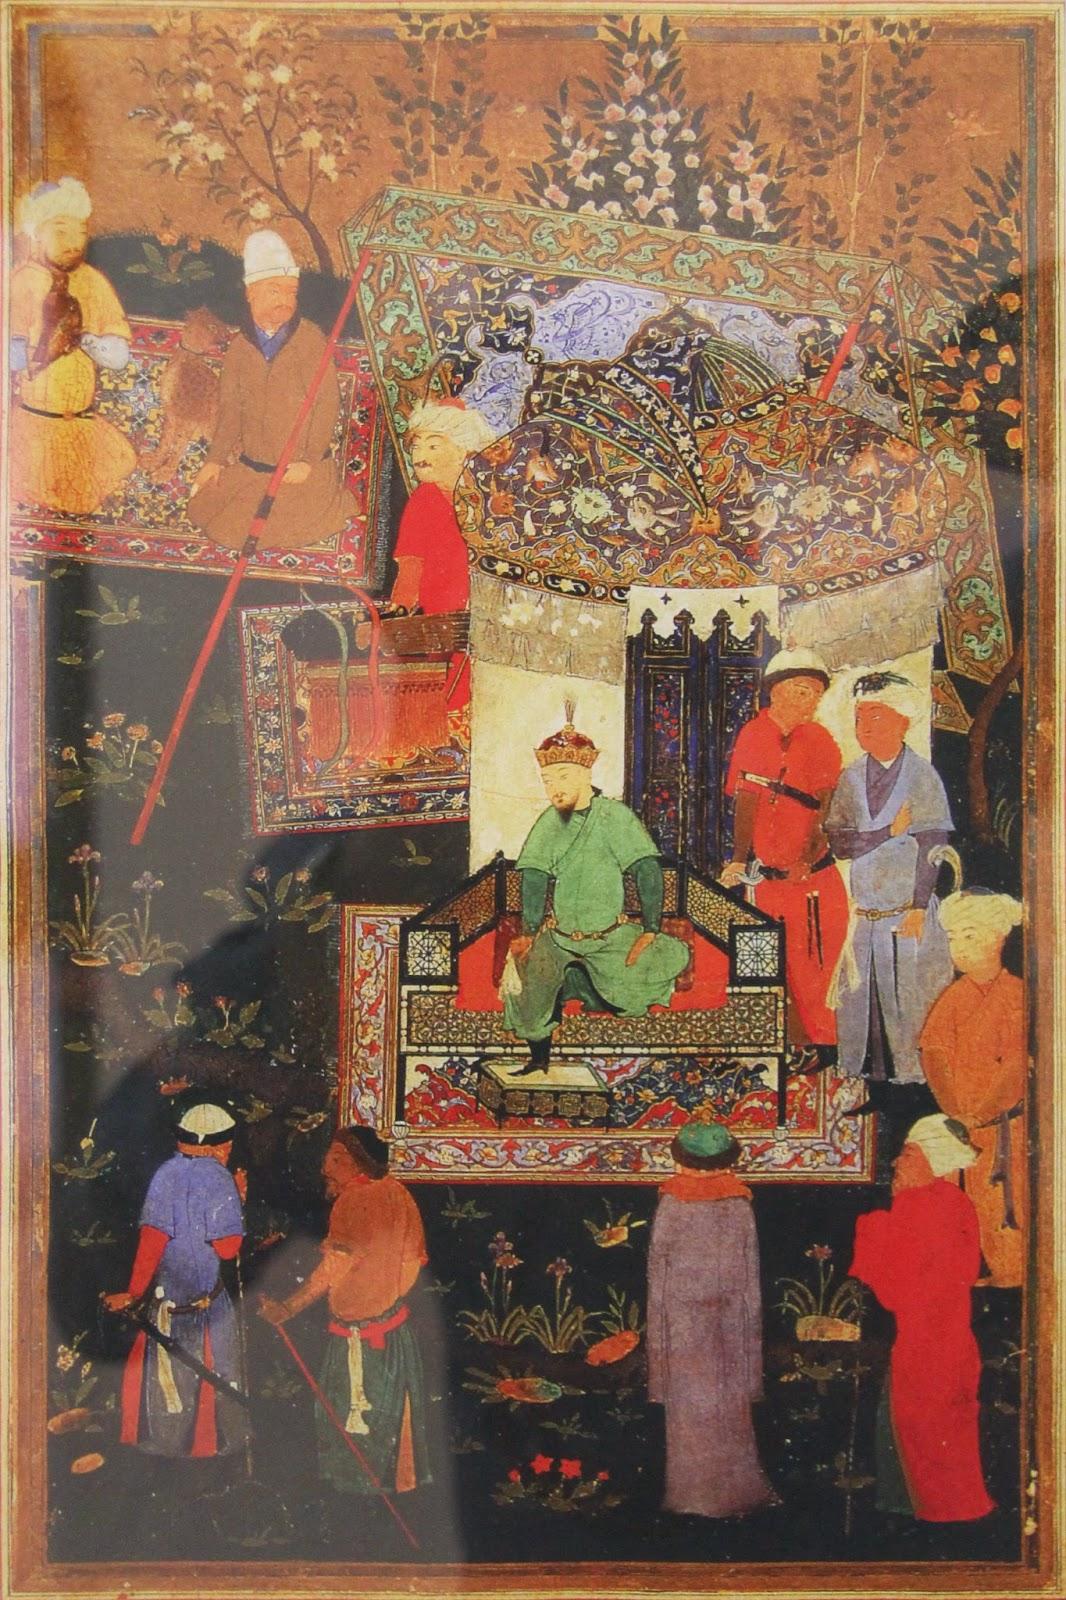 Ouzbékistan, Samarcande, observatoire Ulug Beg, ministuare, Amir Timur et ses neveux à l'occasion de leur mariage à Konigil en 1404, © L. Gigout, 2012